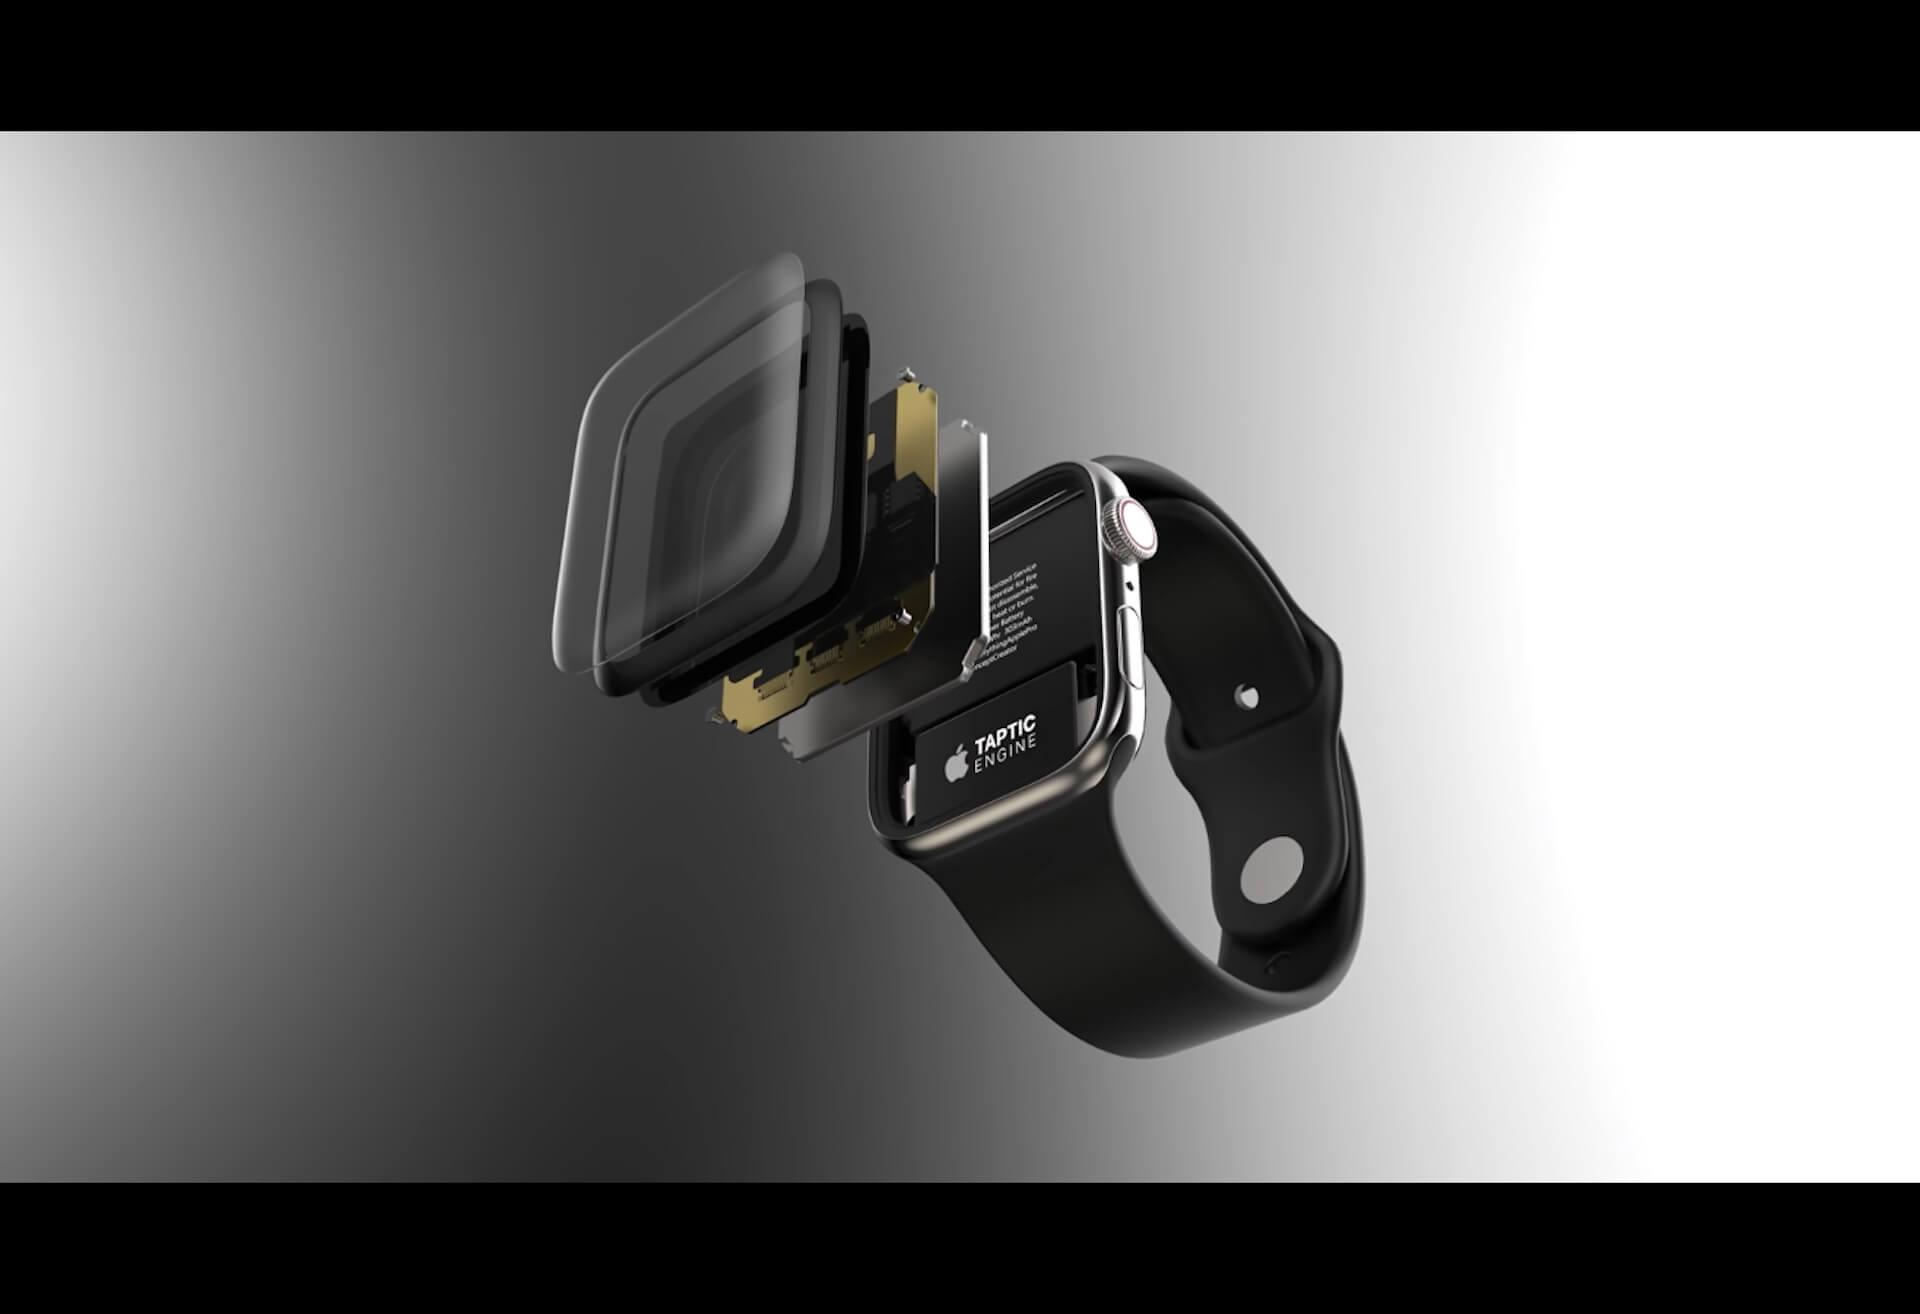 Apple Watchに画面下カメラ&フラッシュが搭載される可能性?Appleが新たに特許申請 tech201217_applewatch_main